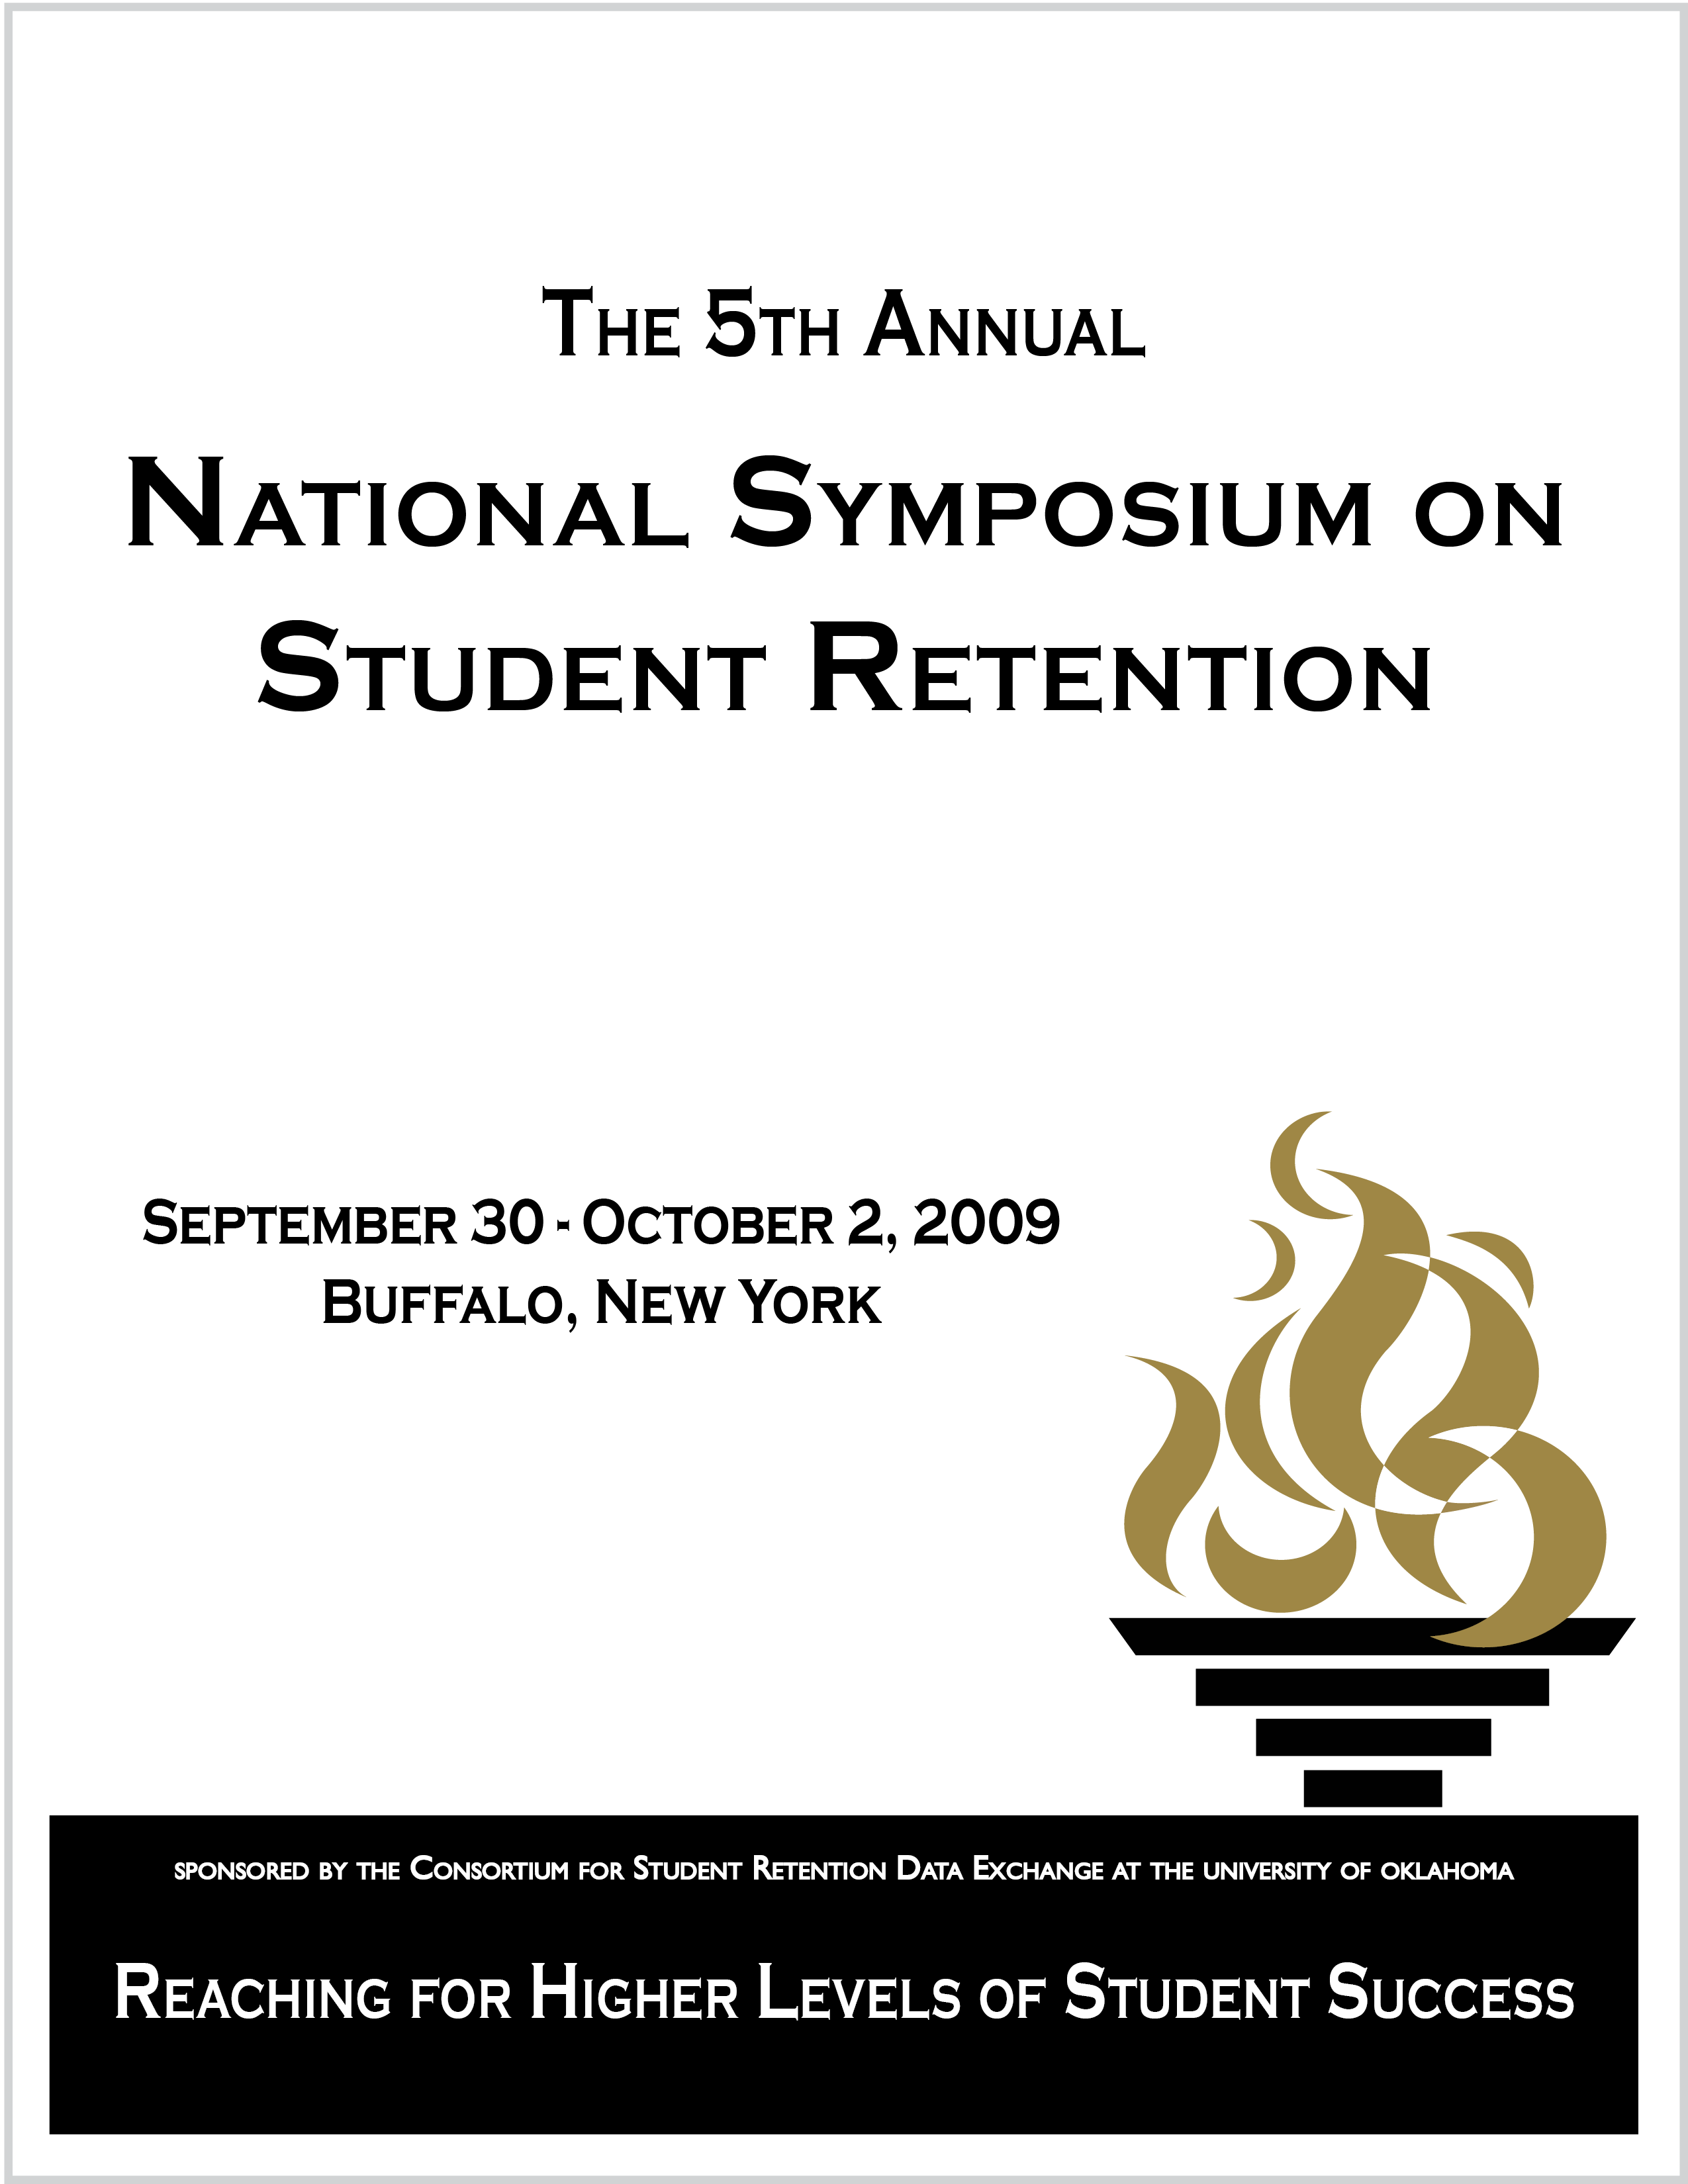 Link to 2009 NSSR Program